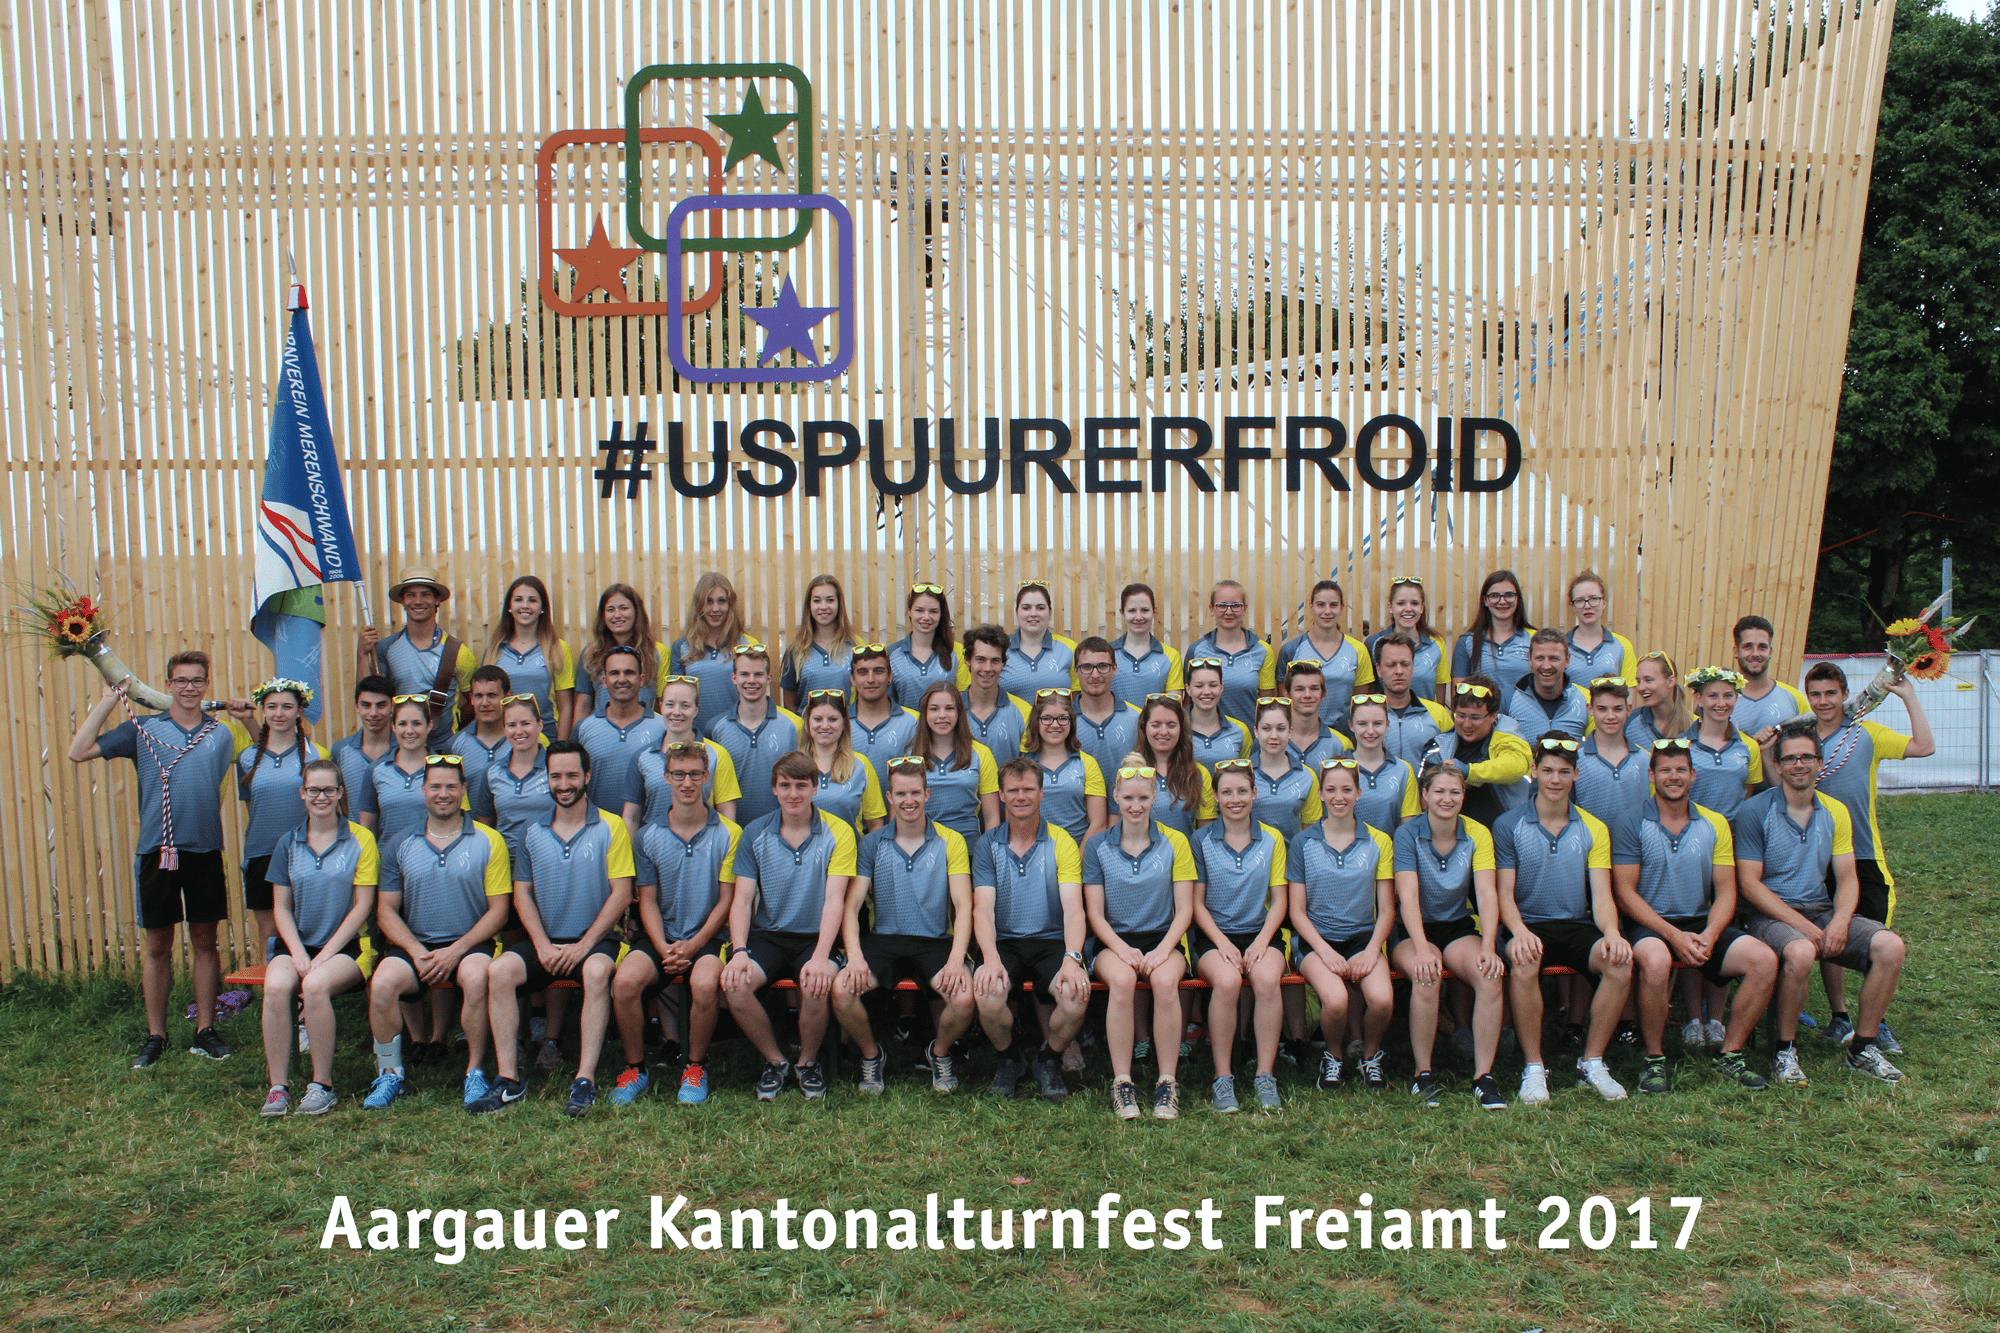 2017-Aargauer-Kantonalturnfest-Freiamt